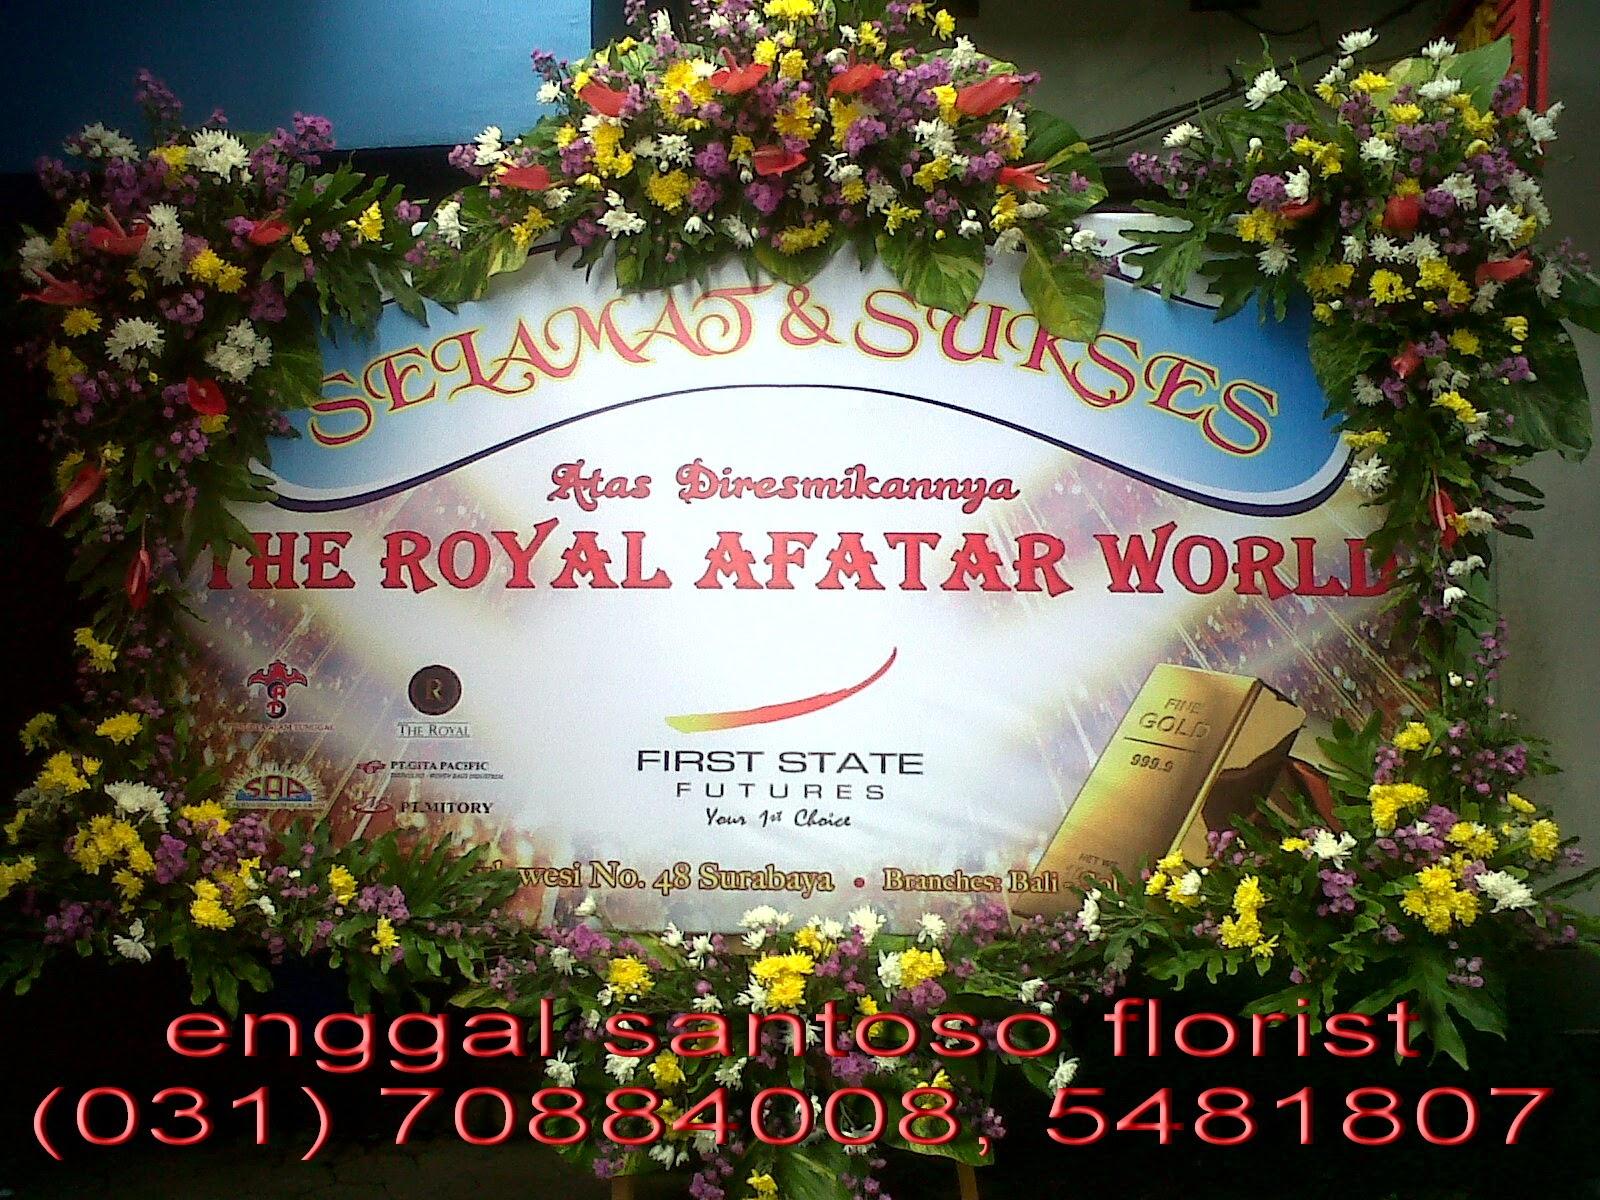 bunga papan banner digital printing peresmian